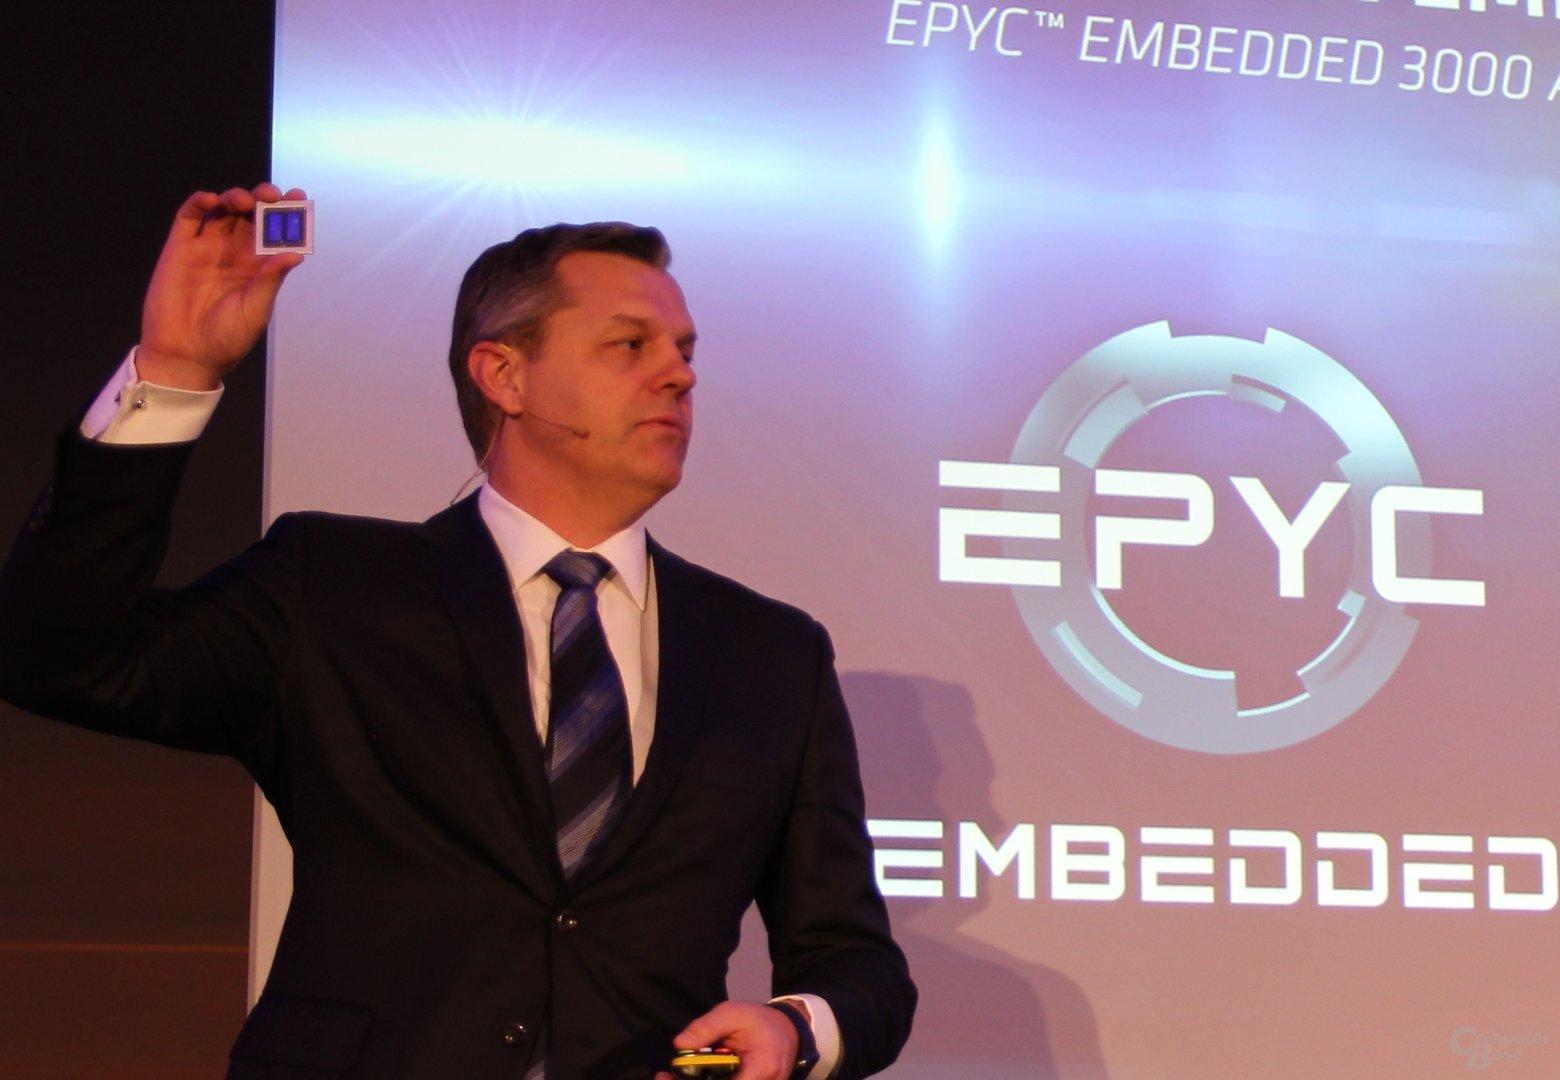 Scott Aylor mit Epyc Embedded 3000